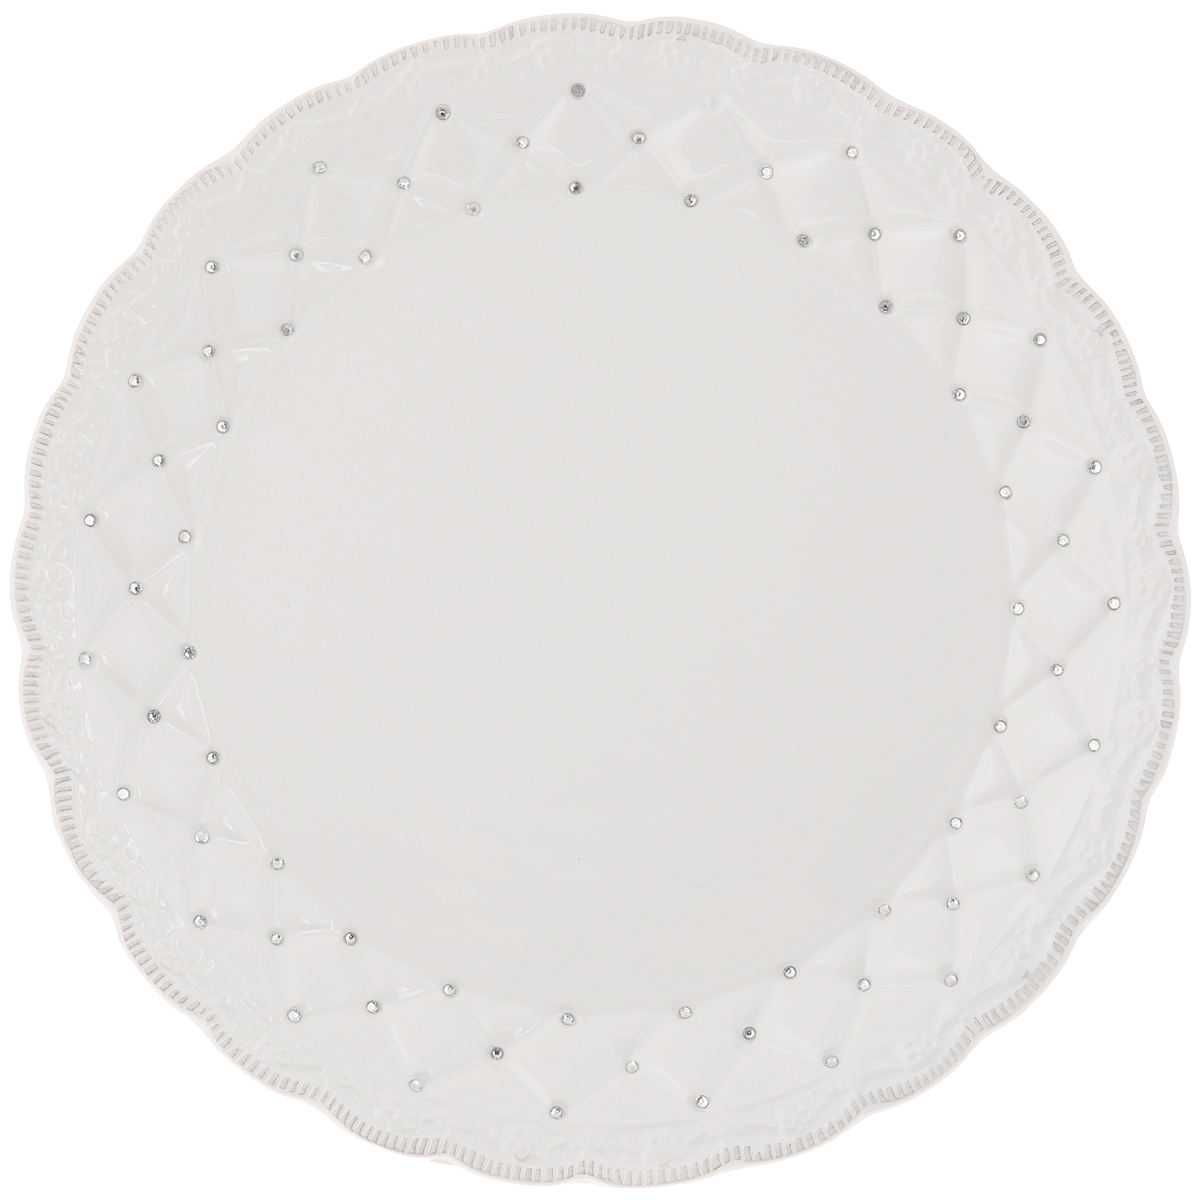 Блюдо Loraine Ажур, диаметр 26,5 см23844Блюдо Loraine Ажур, изготовленное из высококачественного доломита, украшено стразами. Стильная форма и интересное исполнение идеально впишутся в любой стиль, а универсальный белый цвет подойдет к любой мебели.Такое блюдо принесет новизну в вашу кухню и приятно порадует глаз.